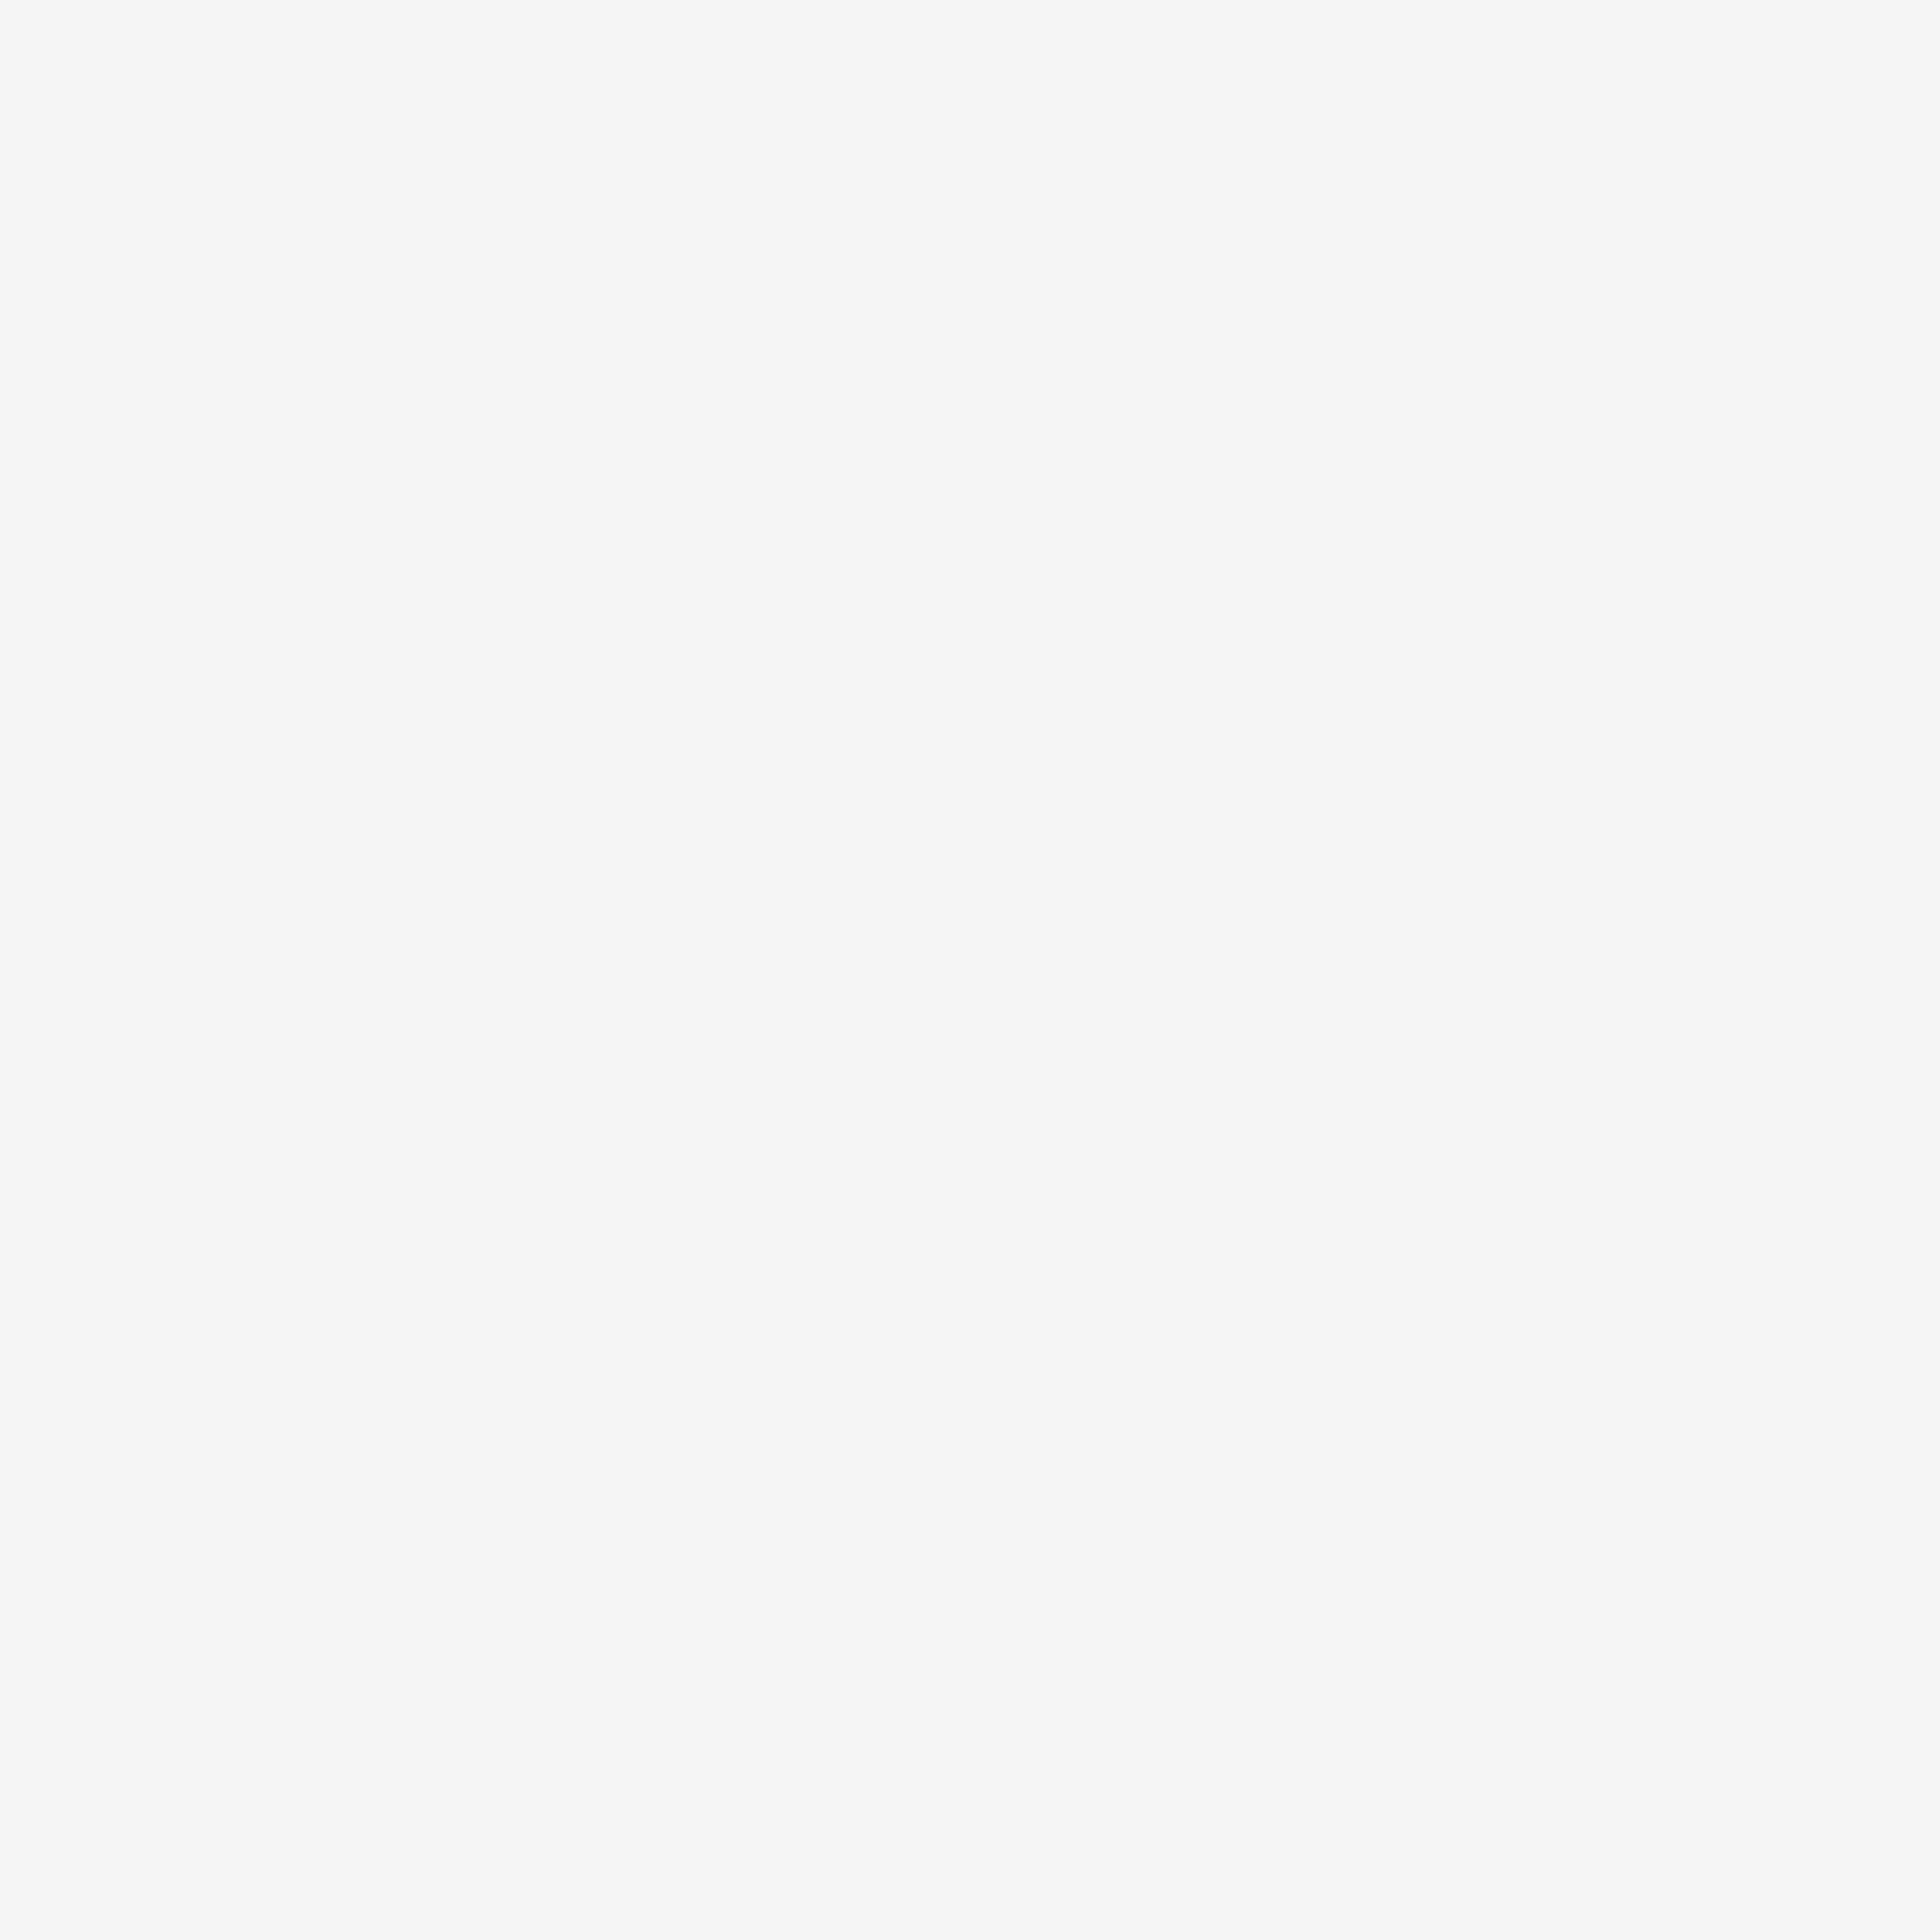 Adidas Tennis Ny Printed Shirt